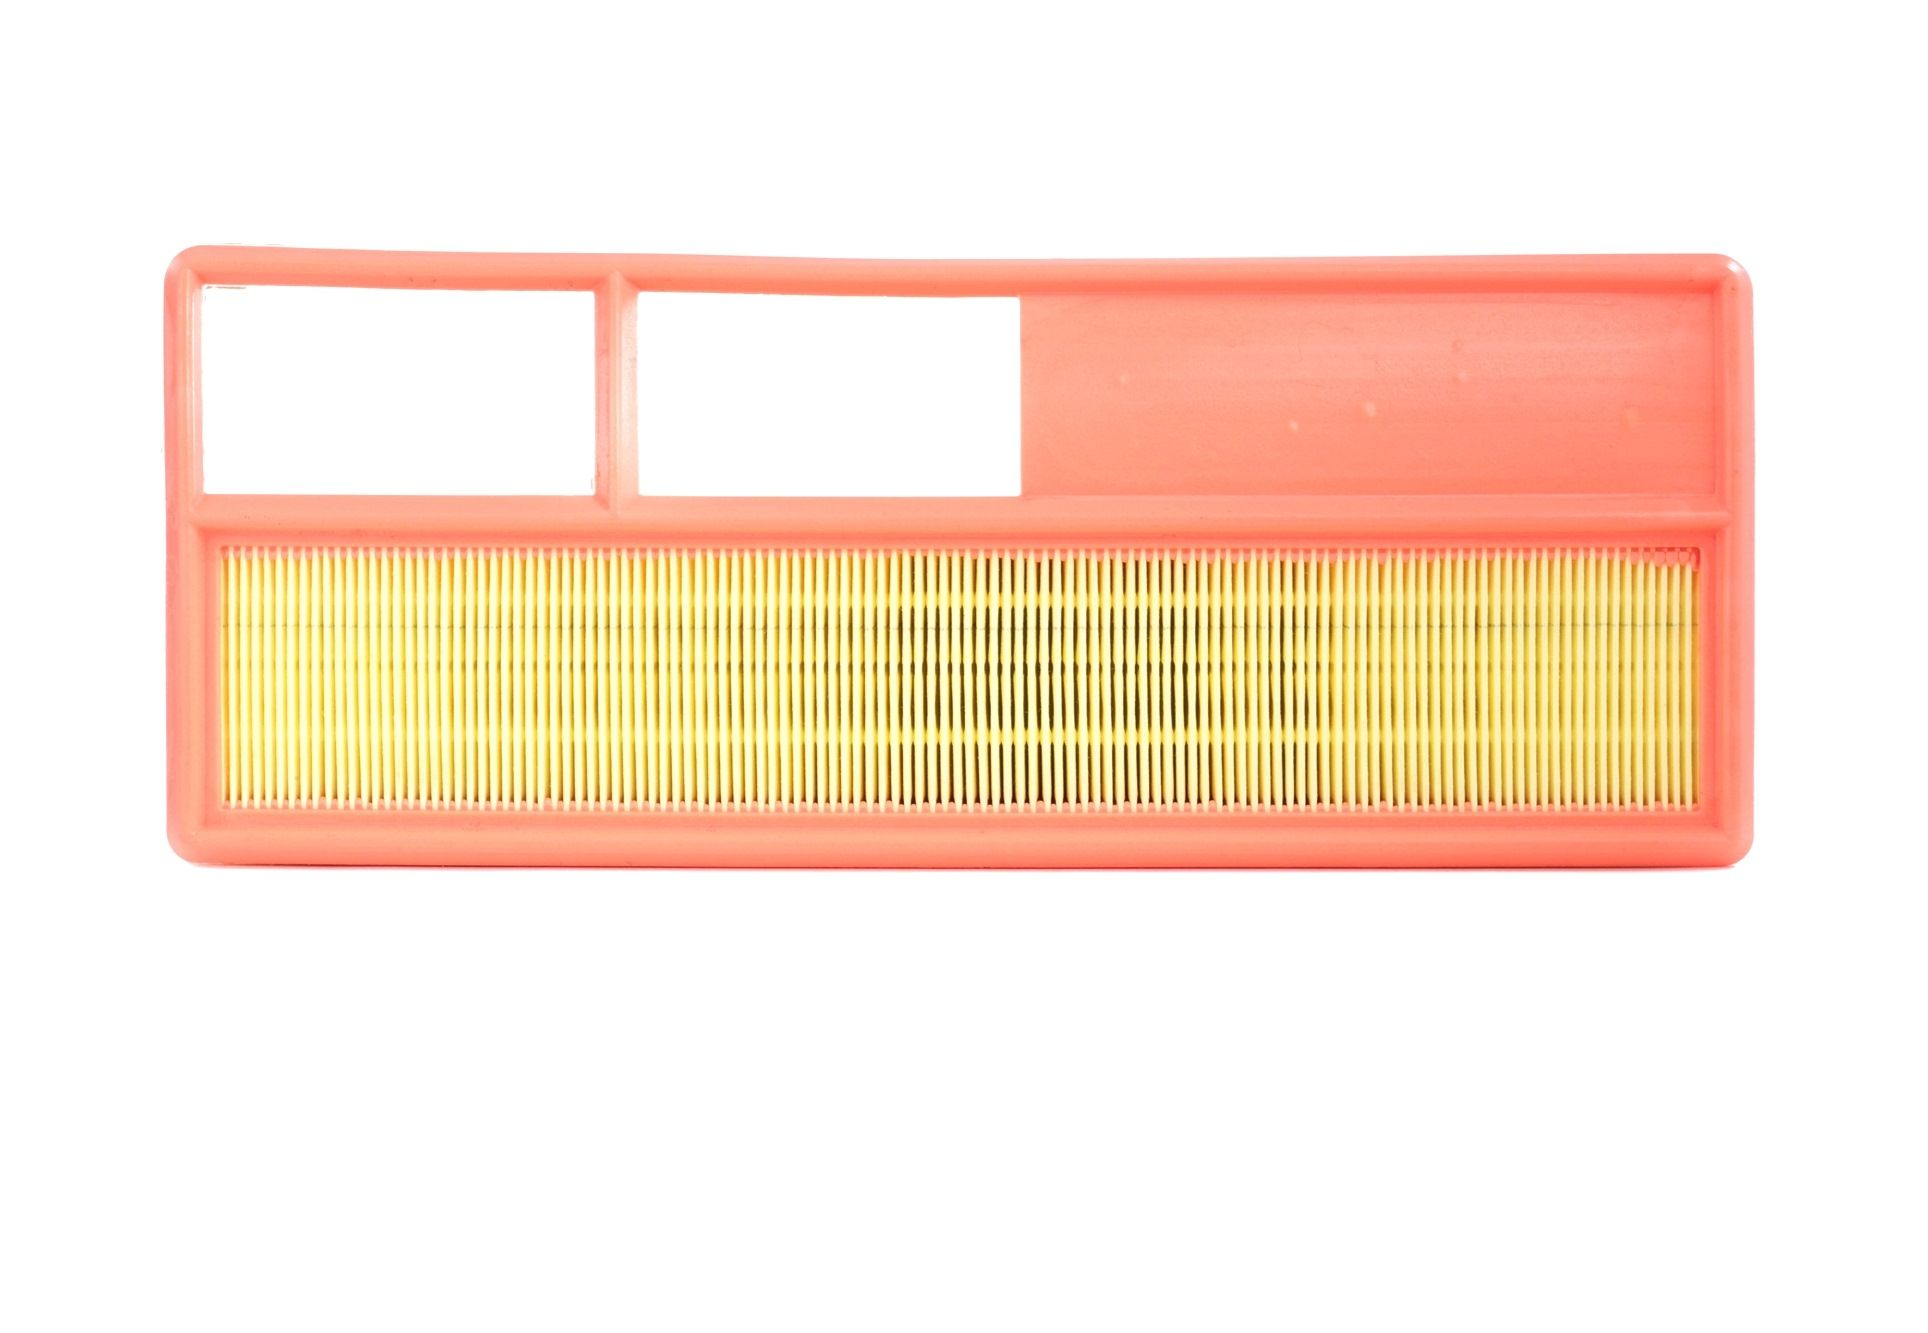 585075 VALEO Length: 375mm, Width: 145mm, Width 2 [mm]: 88mm, Height: 47mm Air Filter 585075 cheap